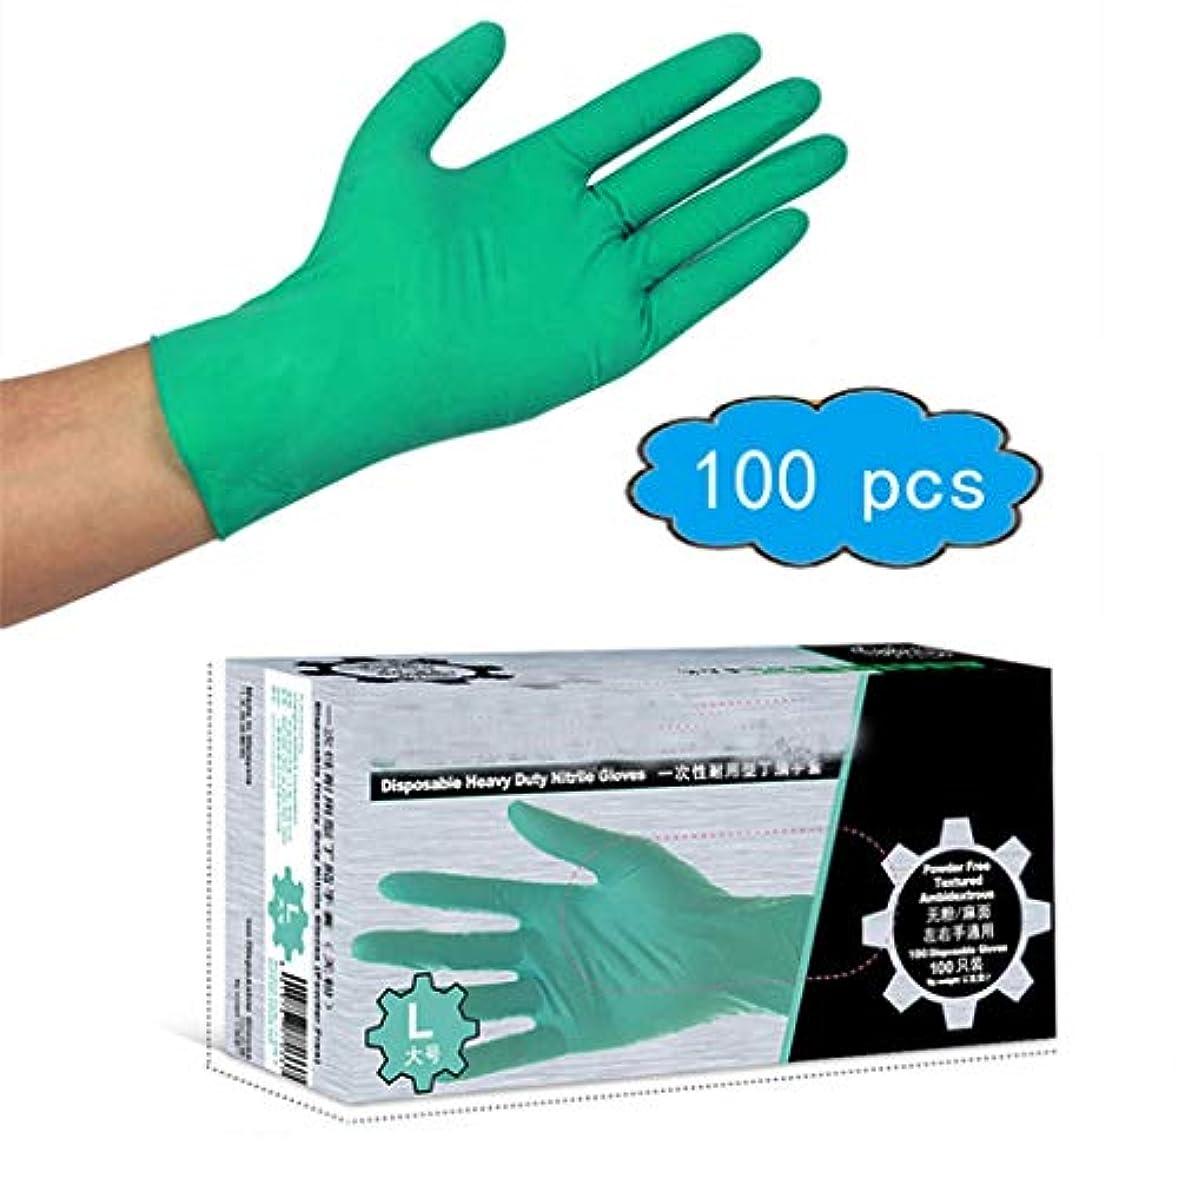 ハンカチトレイルテープ使い捨てニトリル手袋、100箱、厚くて耐久性のある、緑、ニトリル研究所、耐油性、酸およびアルカリ、食品用手袋 (Color : Green, Size : L)